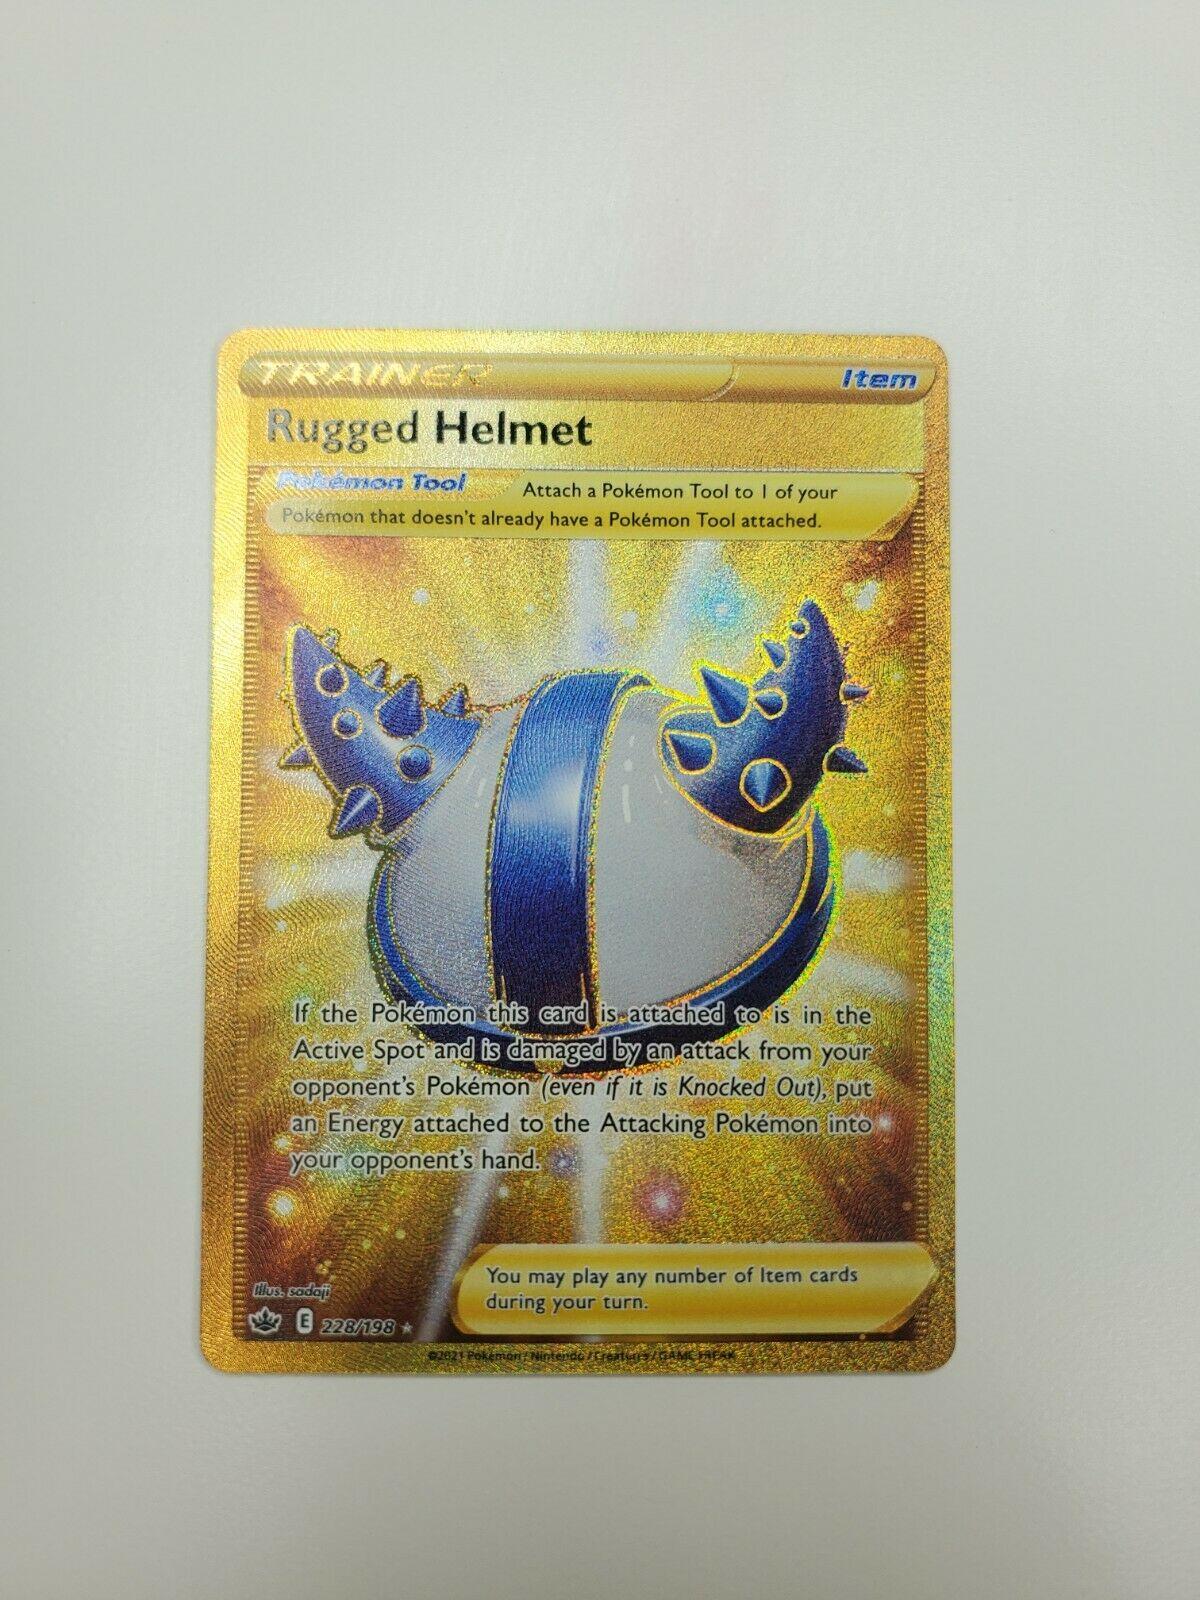 Pokemon TCG Rugged Helmet Gold Secret Rare 228/198 Chilling Reign